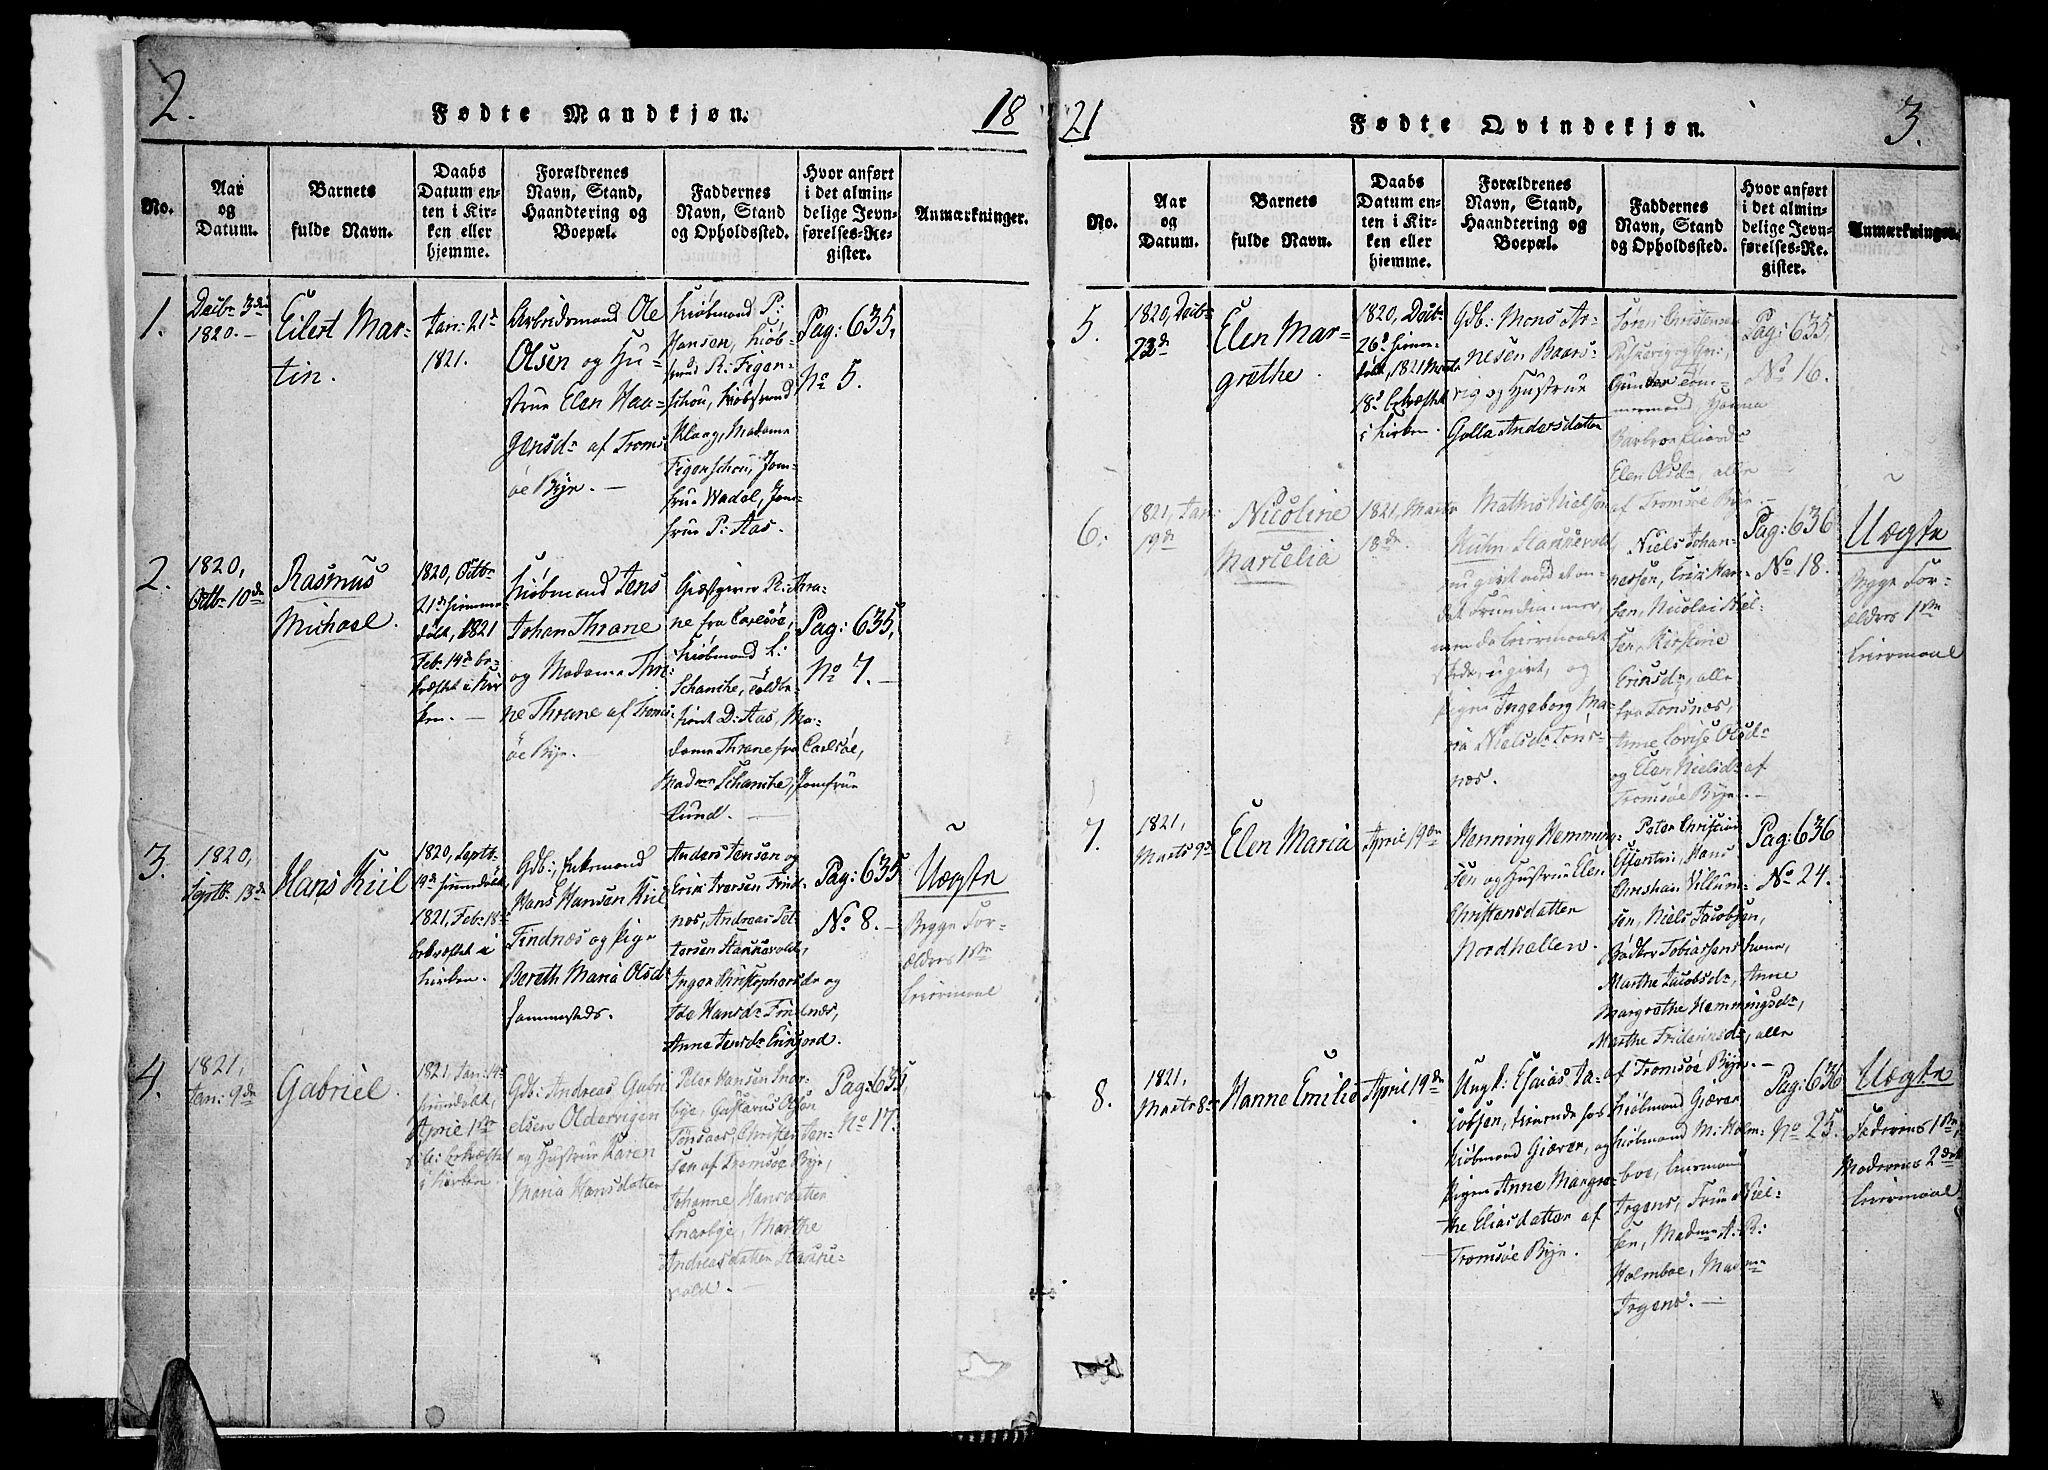 SATØ, Tromsø sokneprestkontor/stiftsprosti/domprosti, G/Ga/L0007kirke: Ministerialbok nr. 7, 1821-1828, s. 2-3